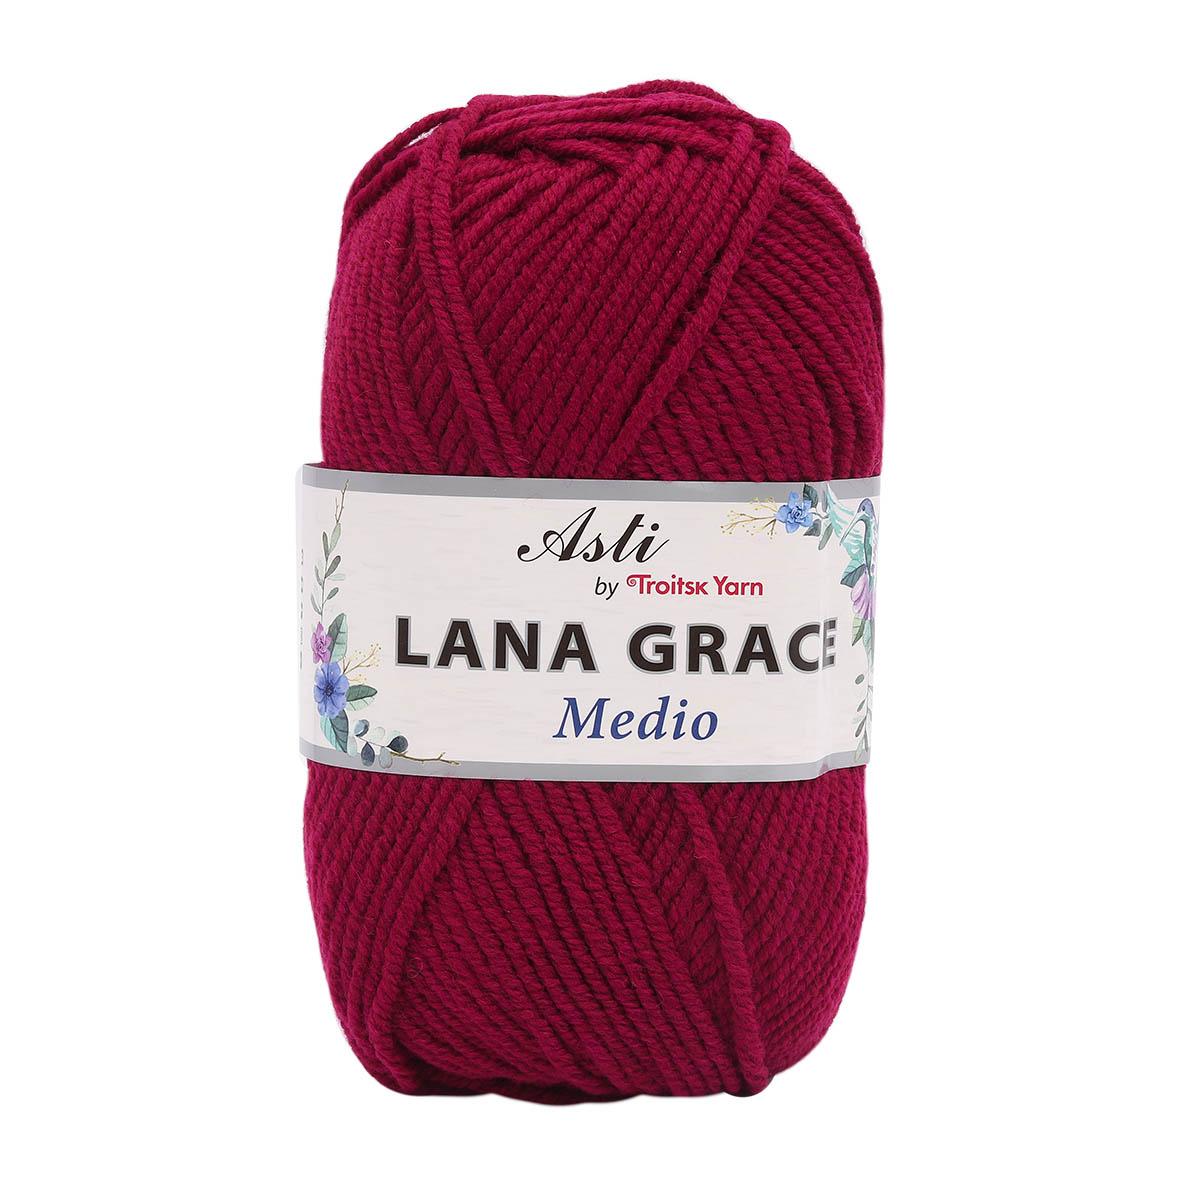 Пряжа из Троицка 'Lana Grace Medio' 100гр. 170м. (25% мериносовая шерсть, 75% акрил супер софт) (1425 винный) фото